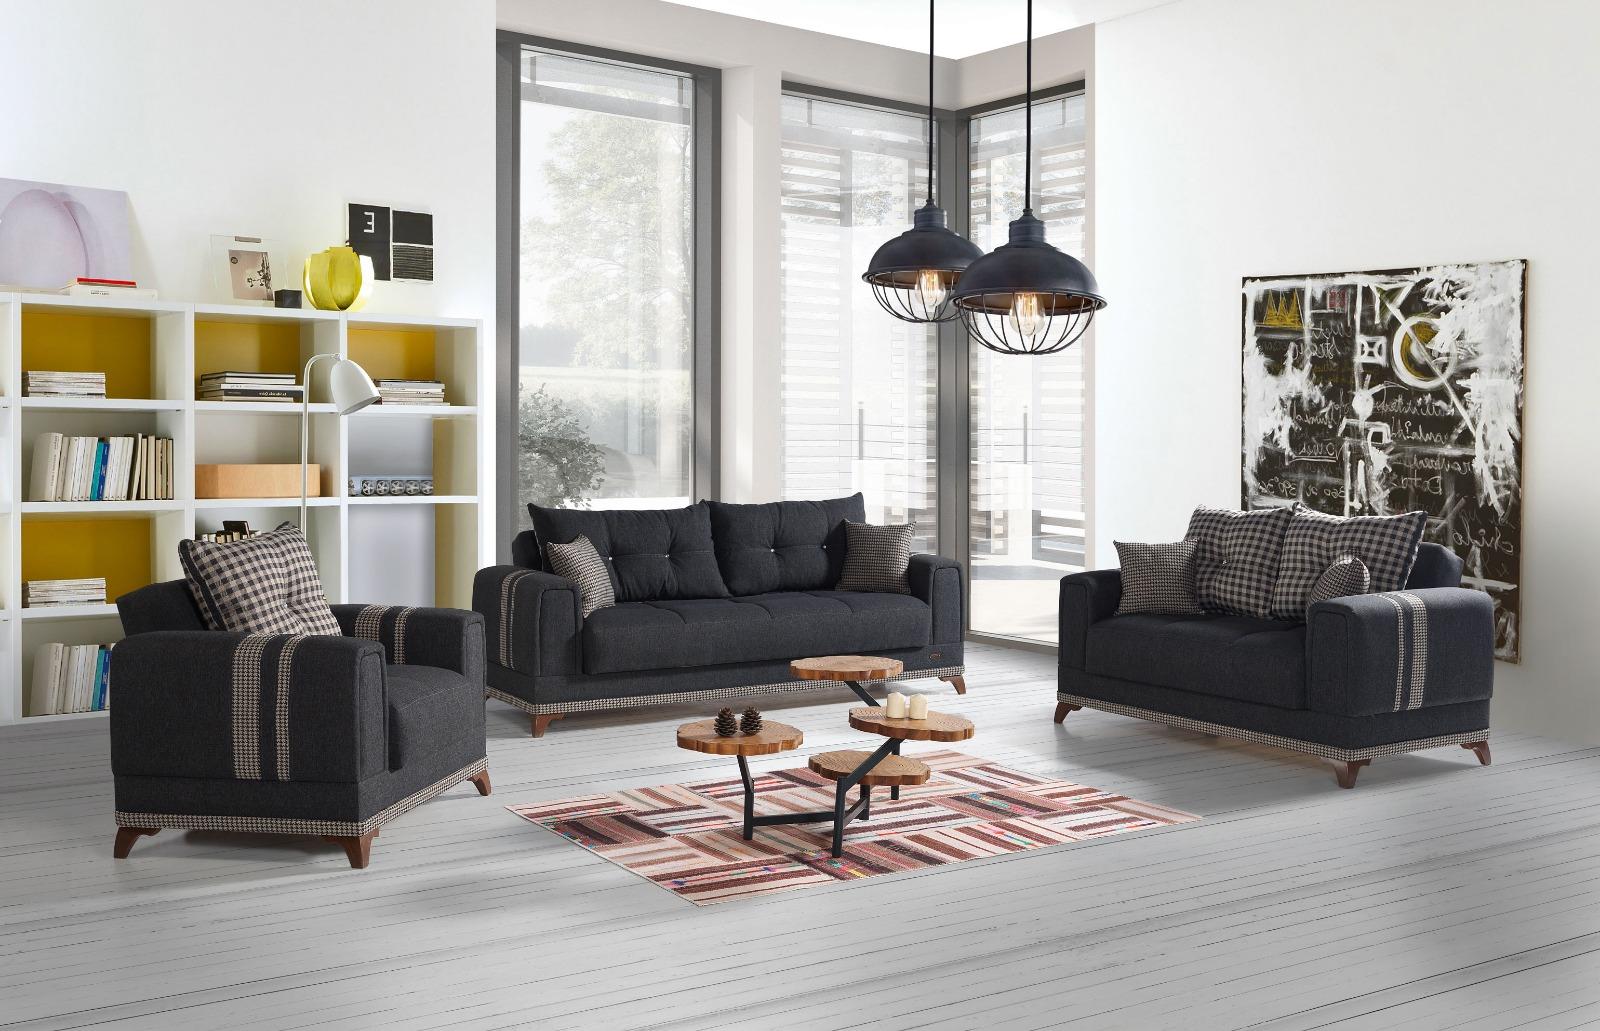 Full Size of Gnstige Couch 3 Teilig 2 Sitzer Sofa Mit Relaxfunktion Brühl Grau Stoff Türkis Büffelleder Weiß Polster Reinigen Lederpflege Günstig Inhofer Sofa 3er Sofa Grau